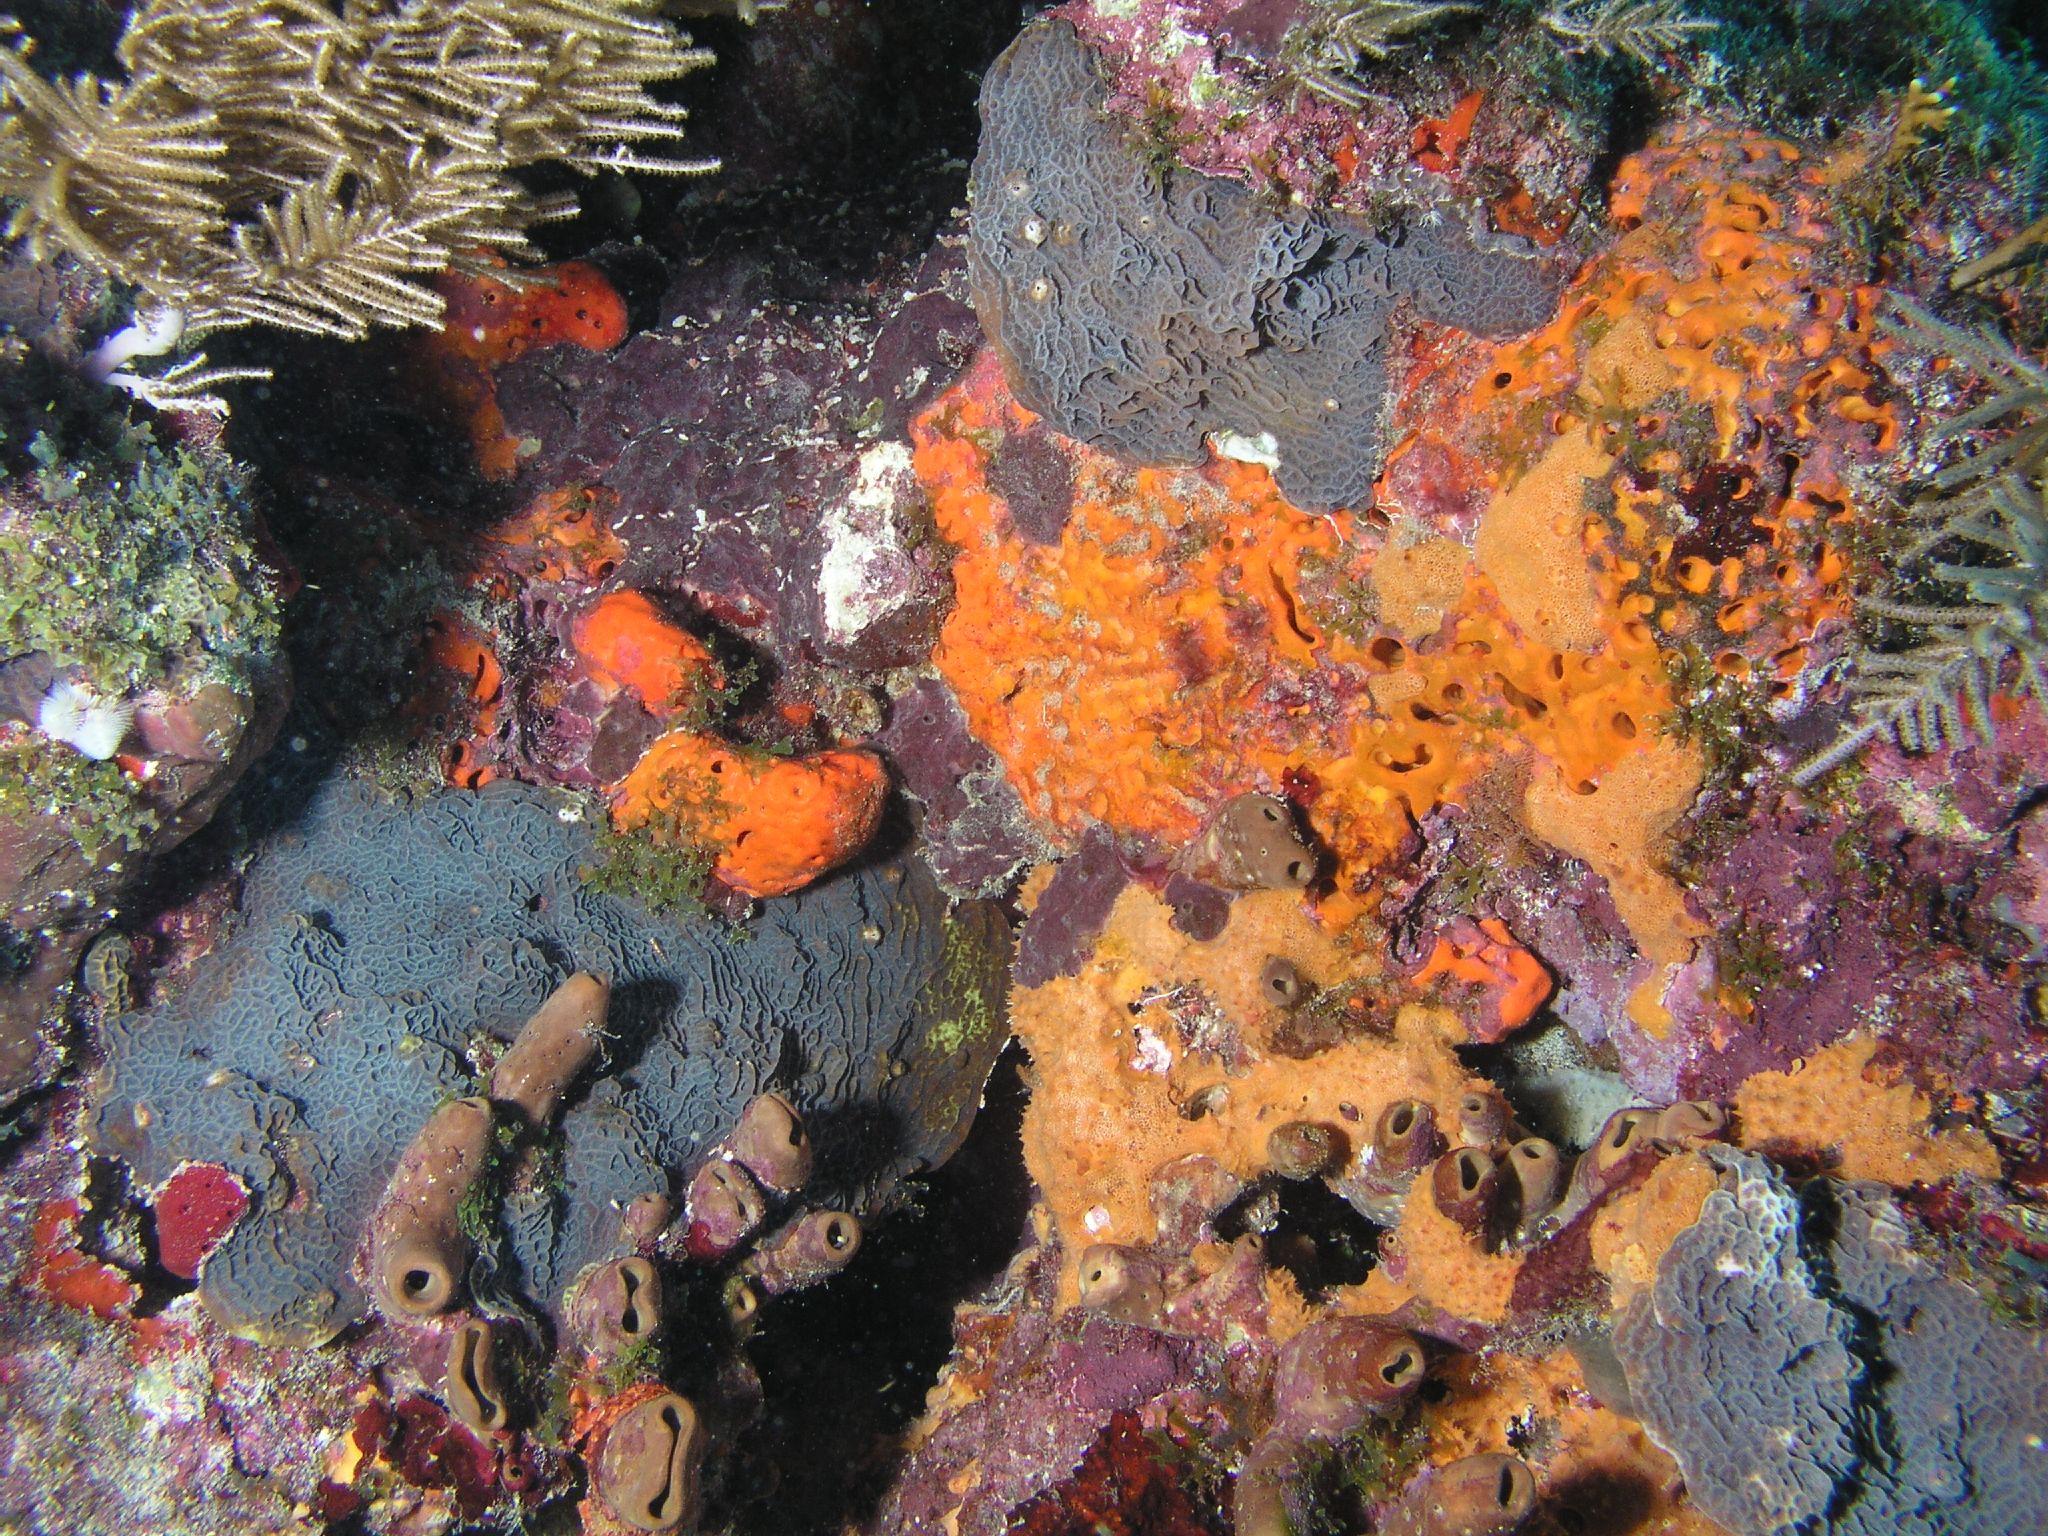 Encrusting Sponge File:Coral Encrusting ...